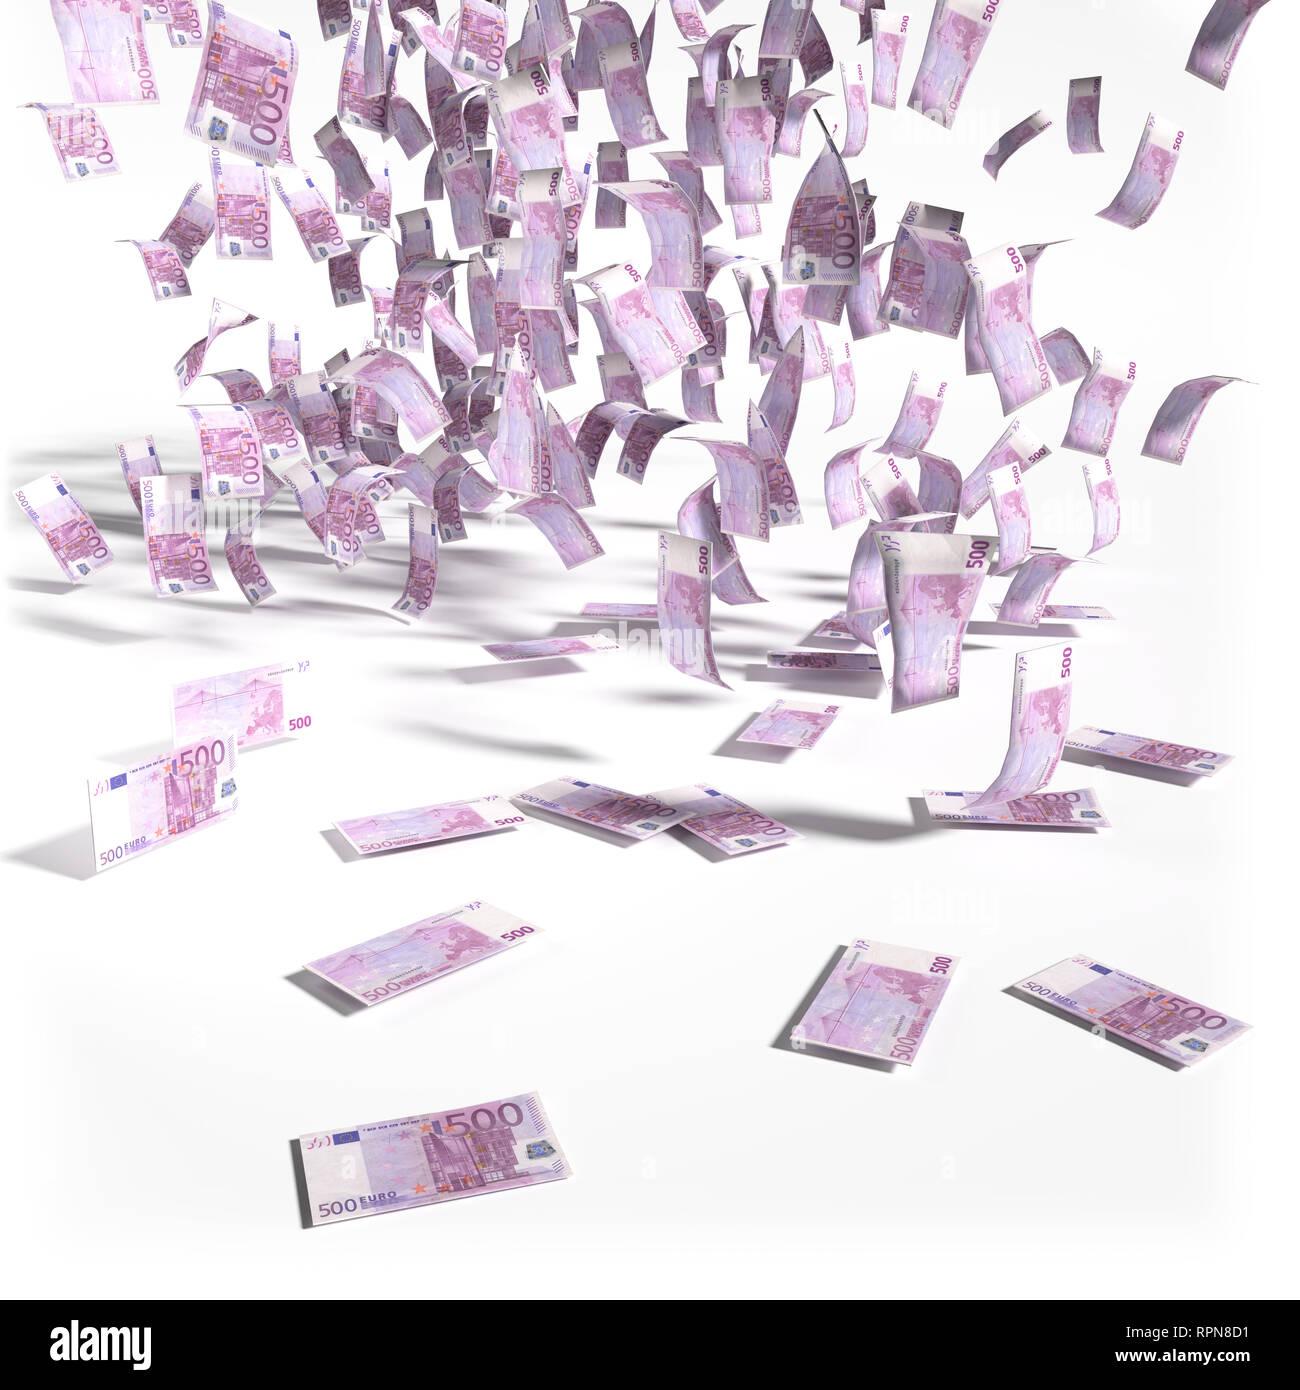 Lluvia De Dinero De Quinientos Euros Billetes Y Big Money Fotografia De Stock Alamy